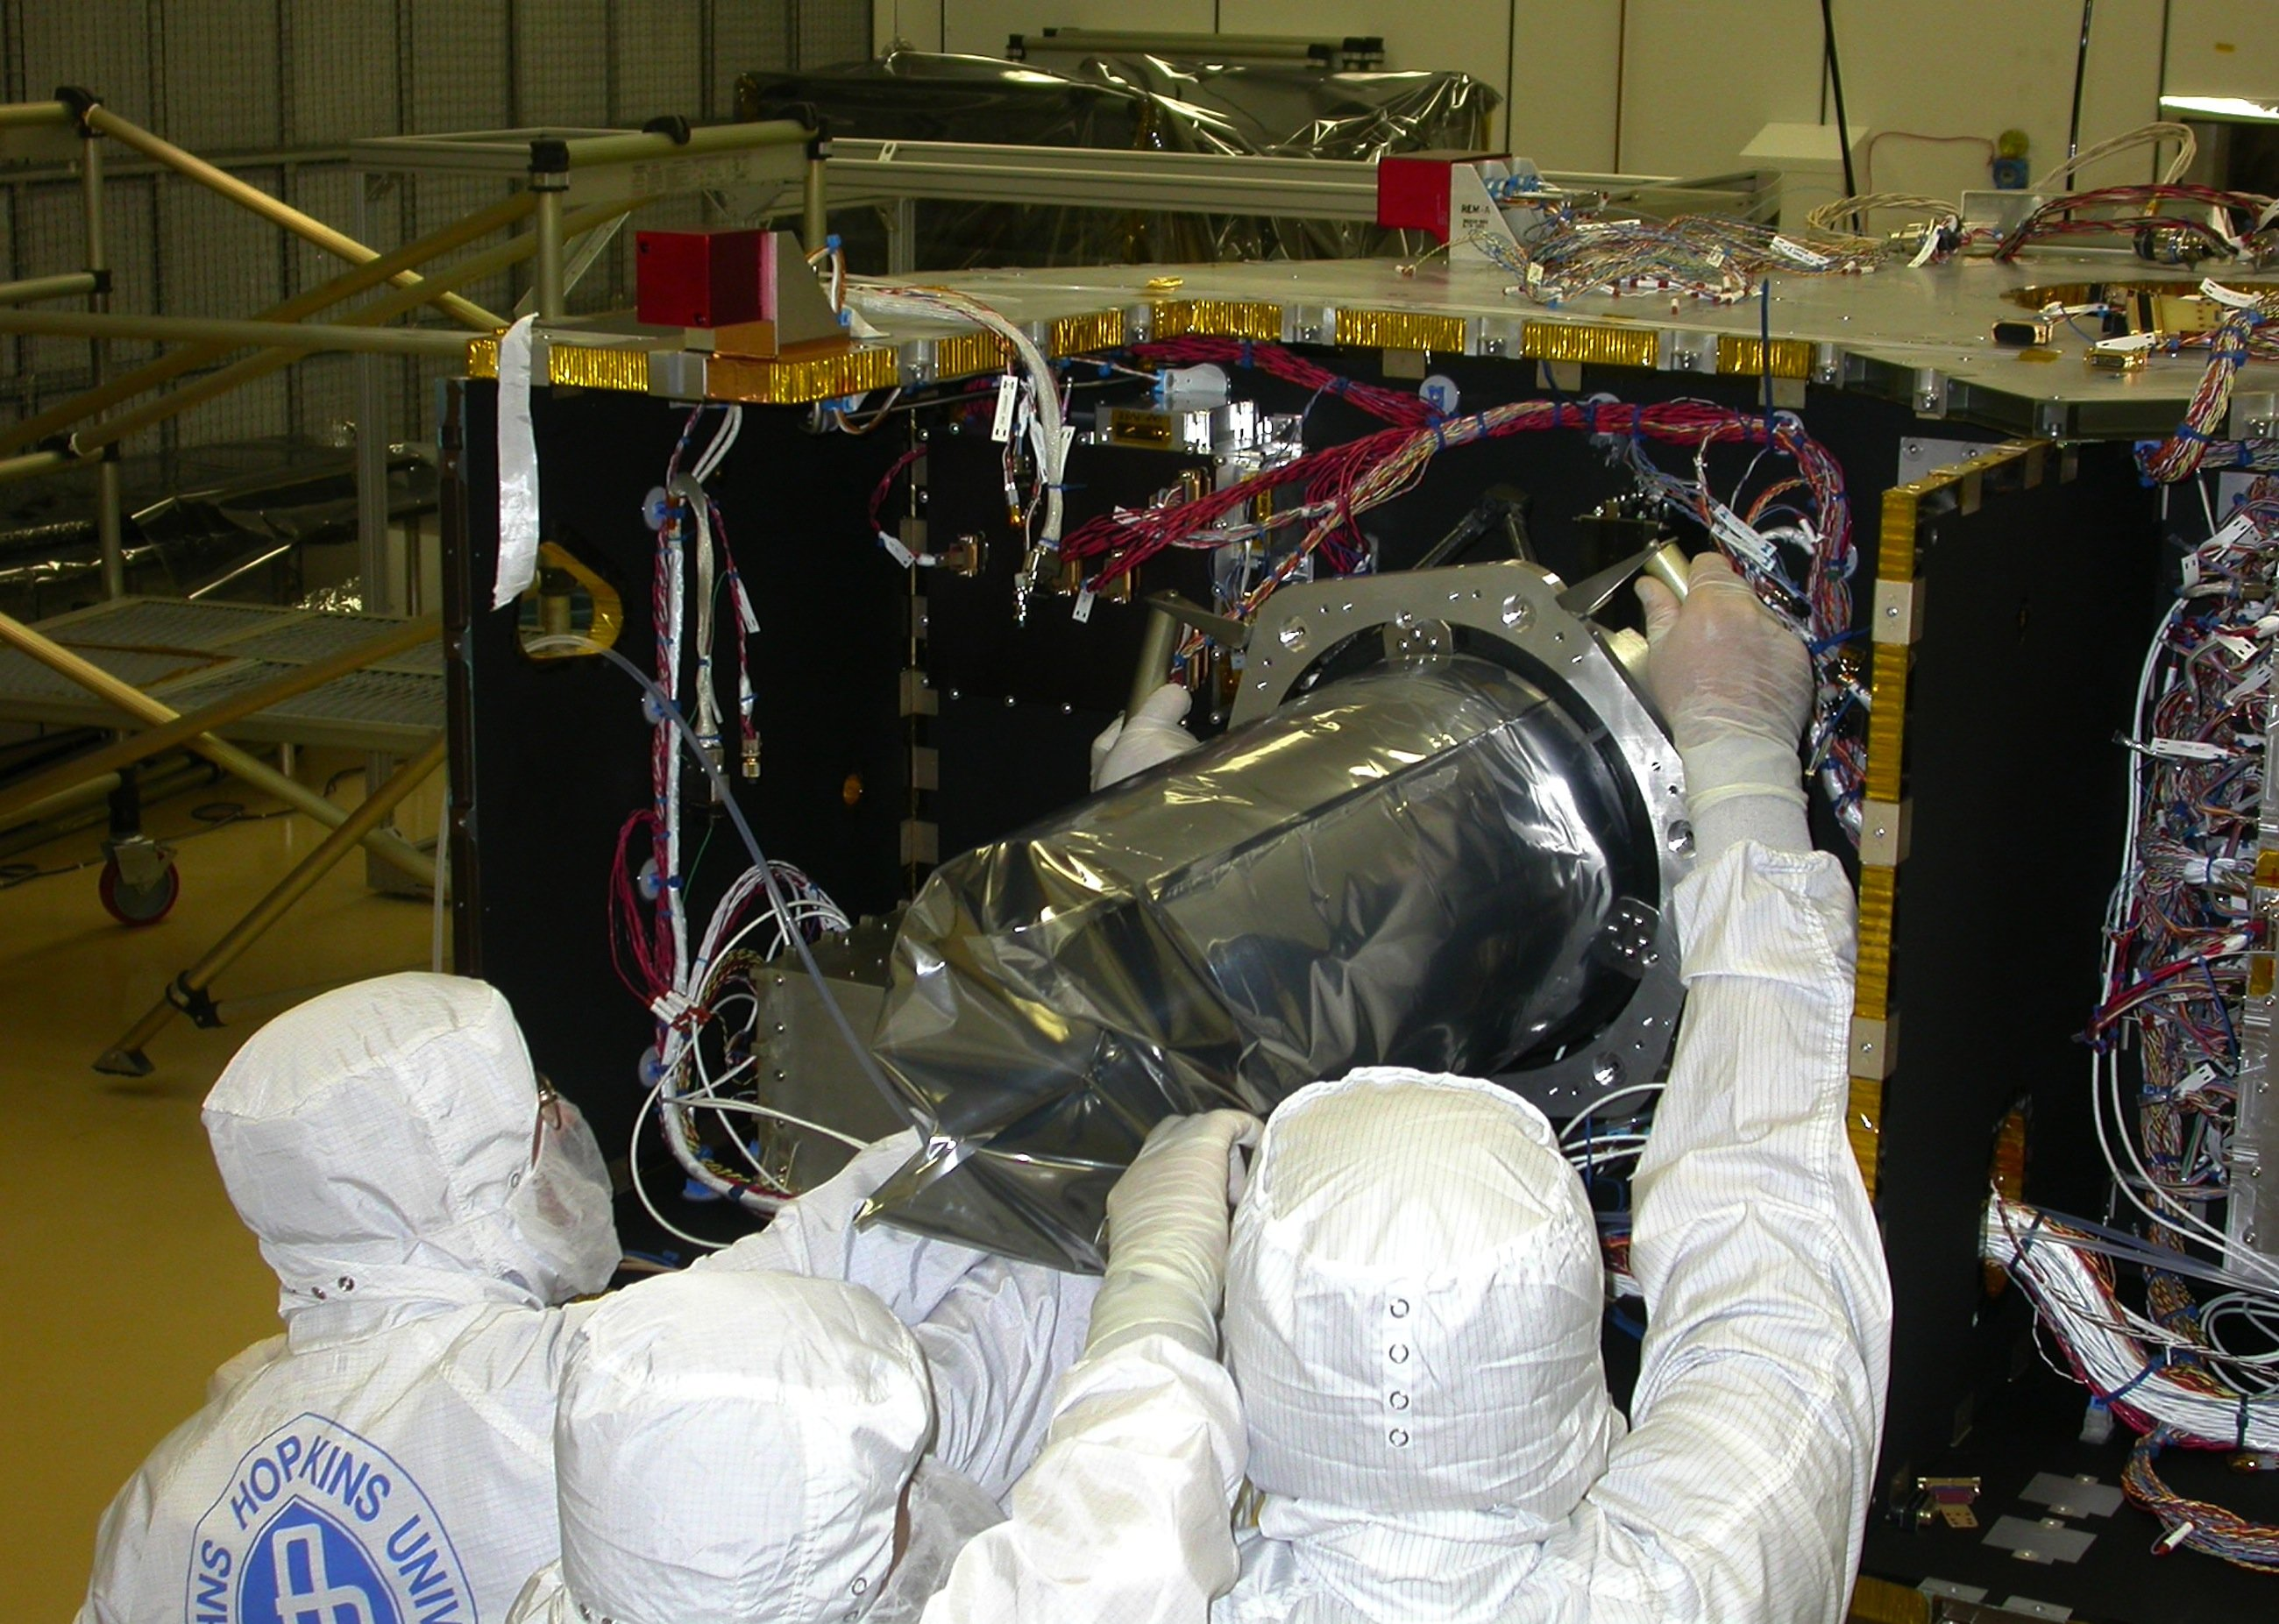 Ingenieure der Johns Hopkins University beim Einbau der hochauflösenden Kamera Lorri in die Sonde New Horizons.